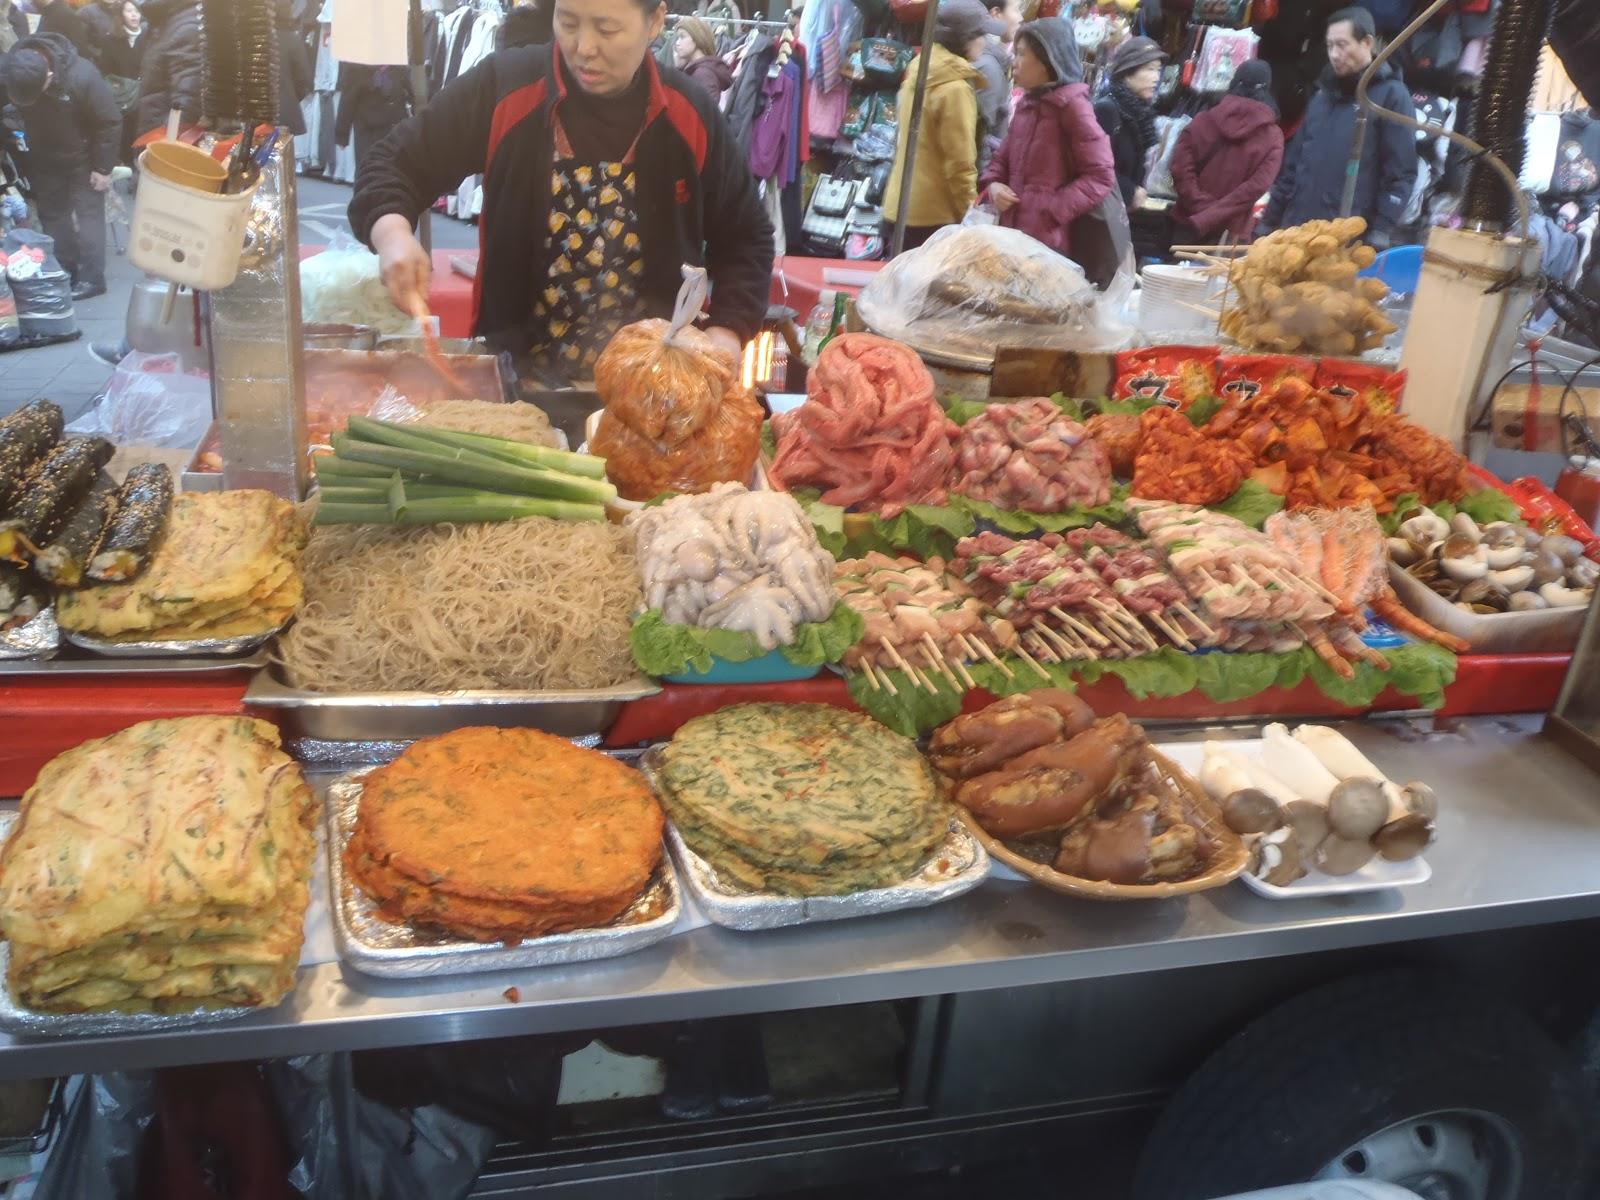 Johnny 39 s peace corps experience korean street market food for Johnny s fish market